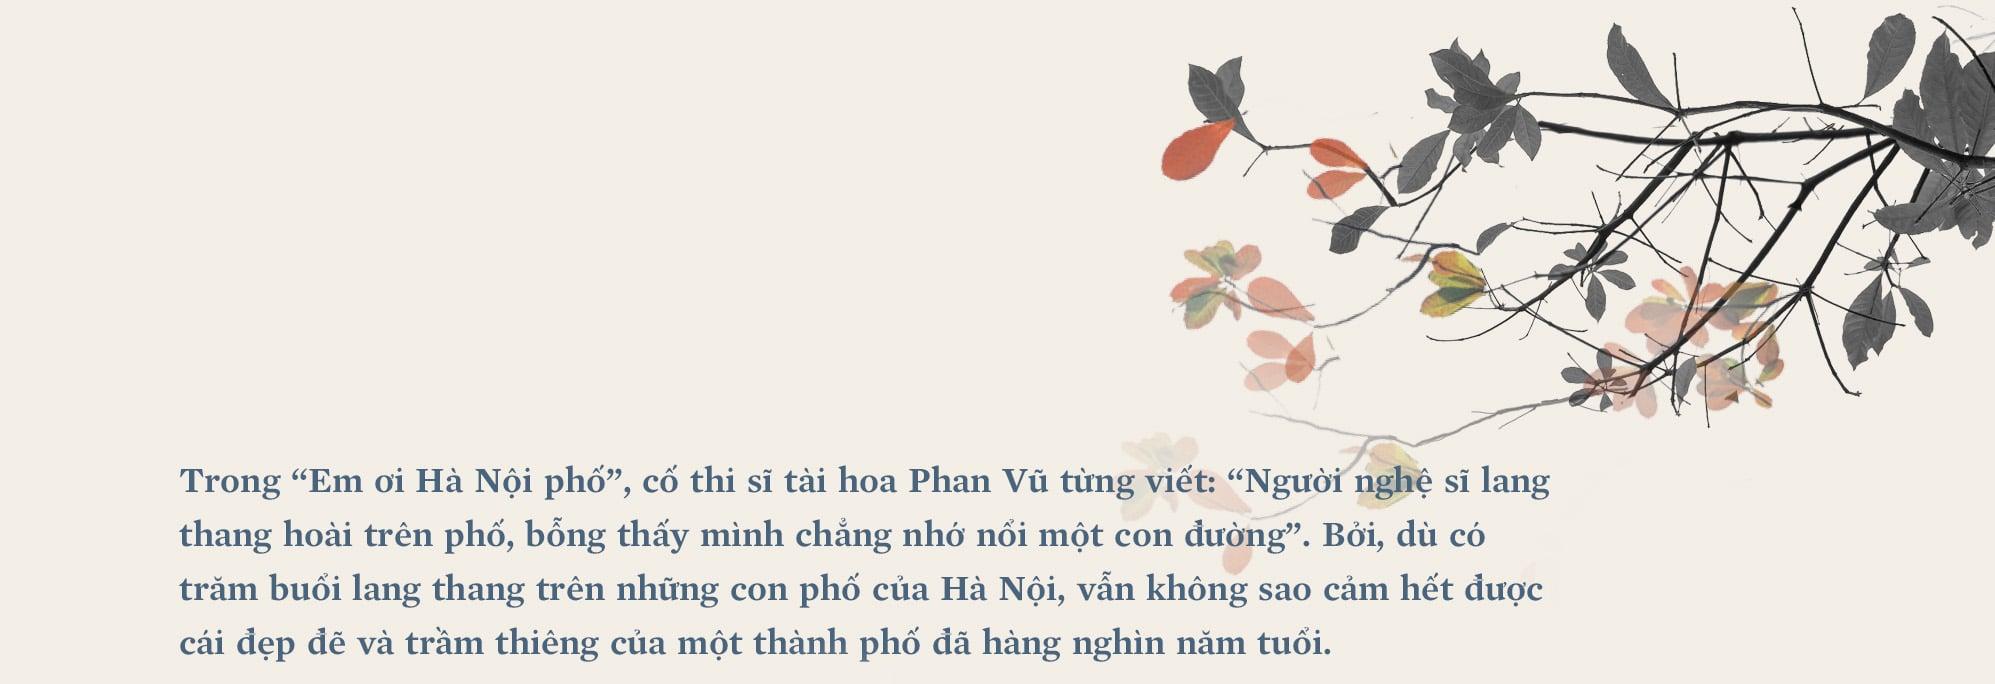 Kiến trúc Hà Nội: làm sao để giữ trọn tinh hoa? - Ảnh 2.